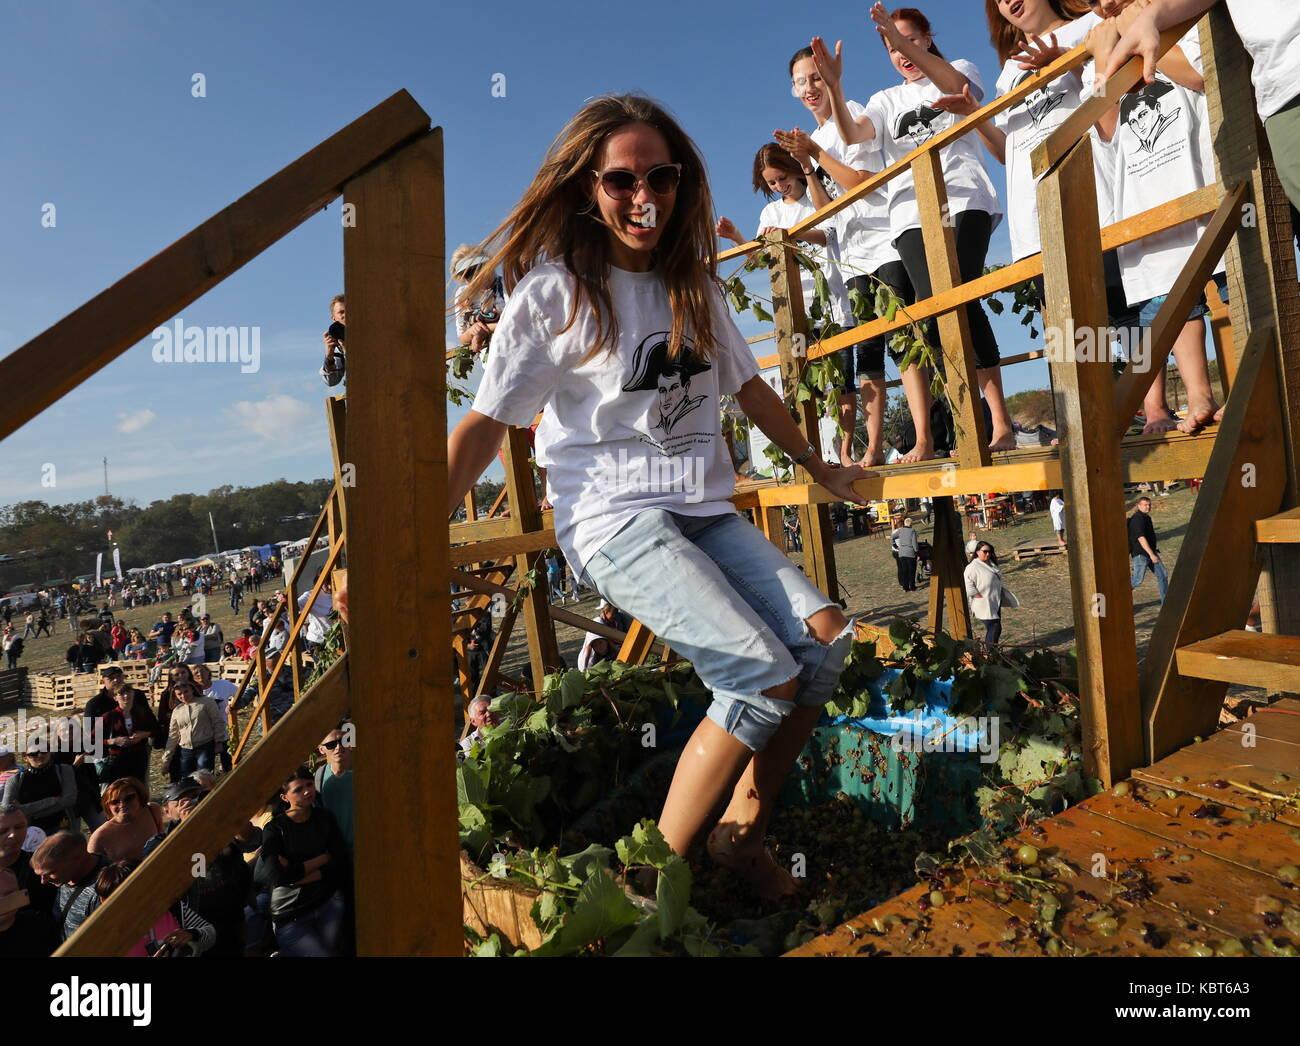 Krim, Russland. 30 Sep, 2017. Ein Mädchen stomps Trauben am WineFest Weinlese und die Herstellung von Wein Stockbild